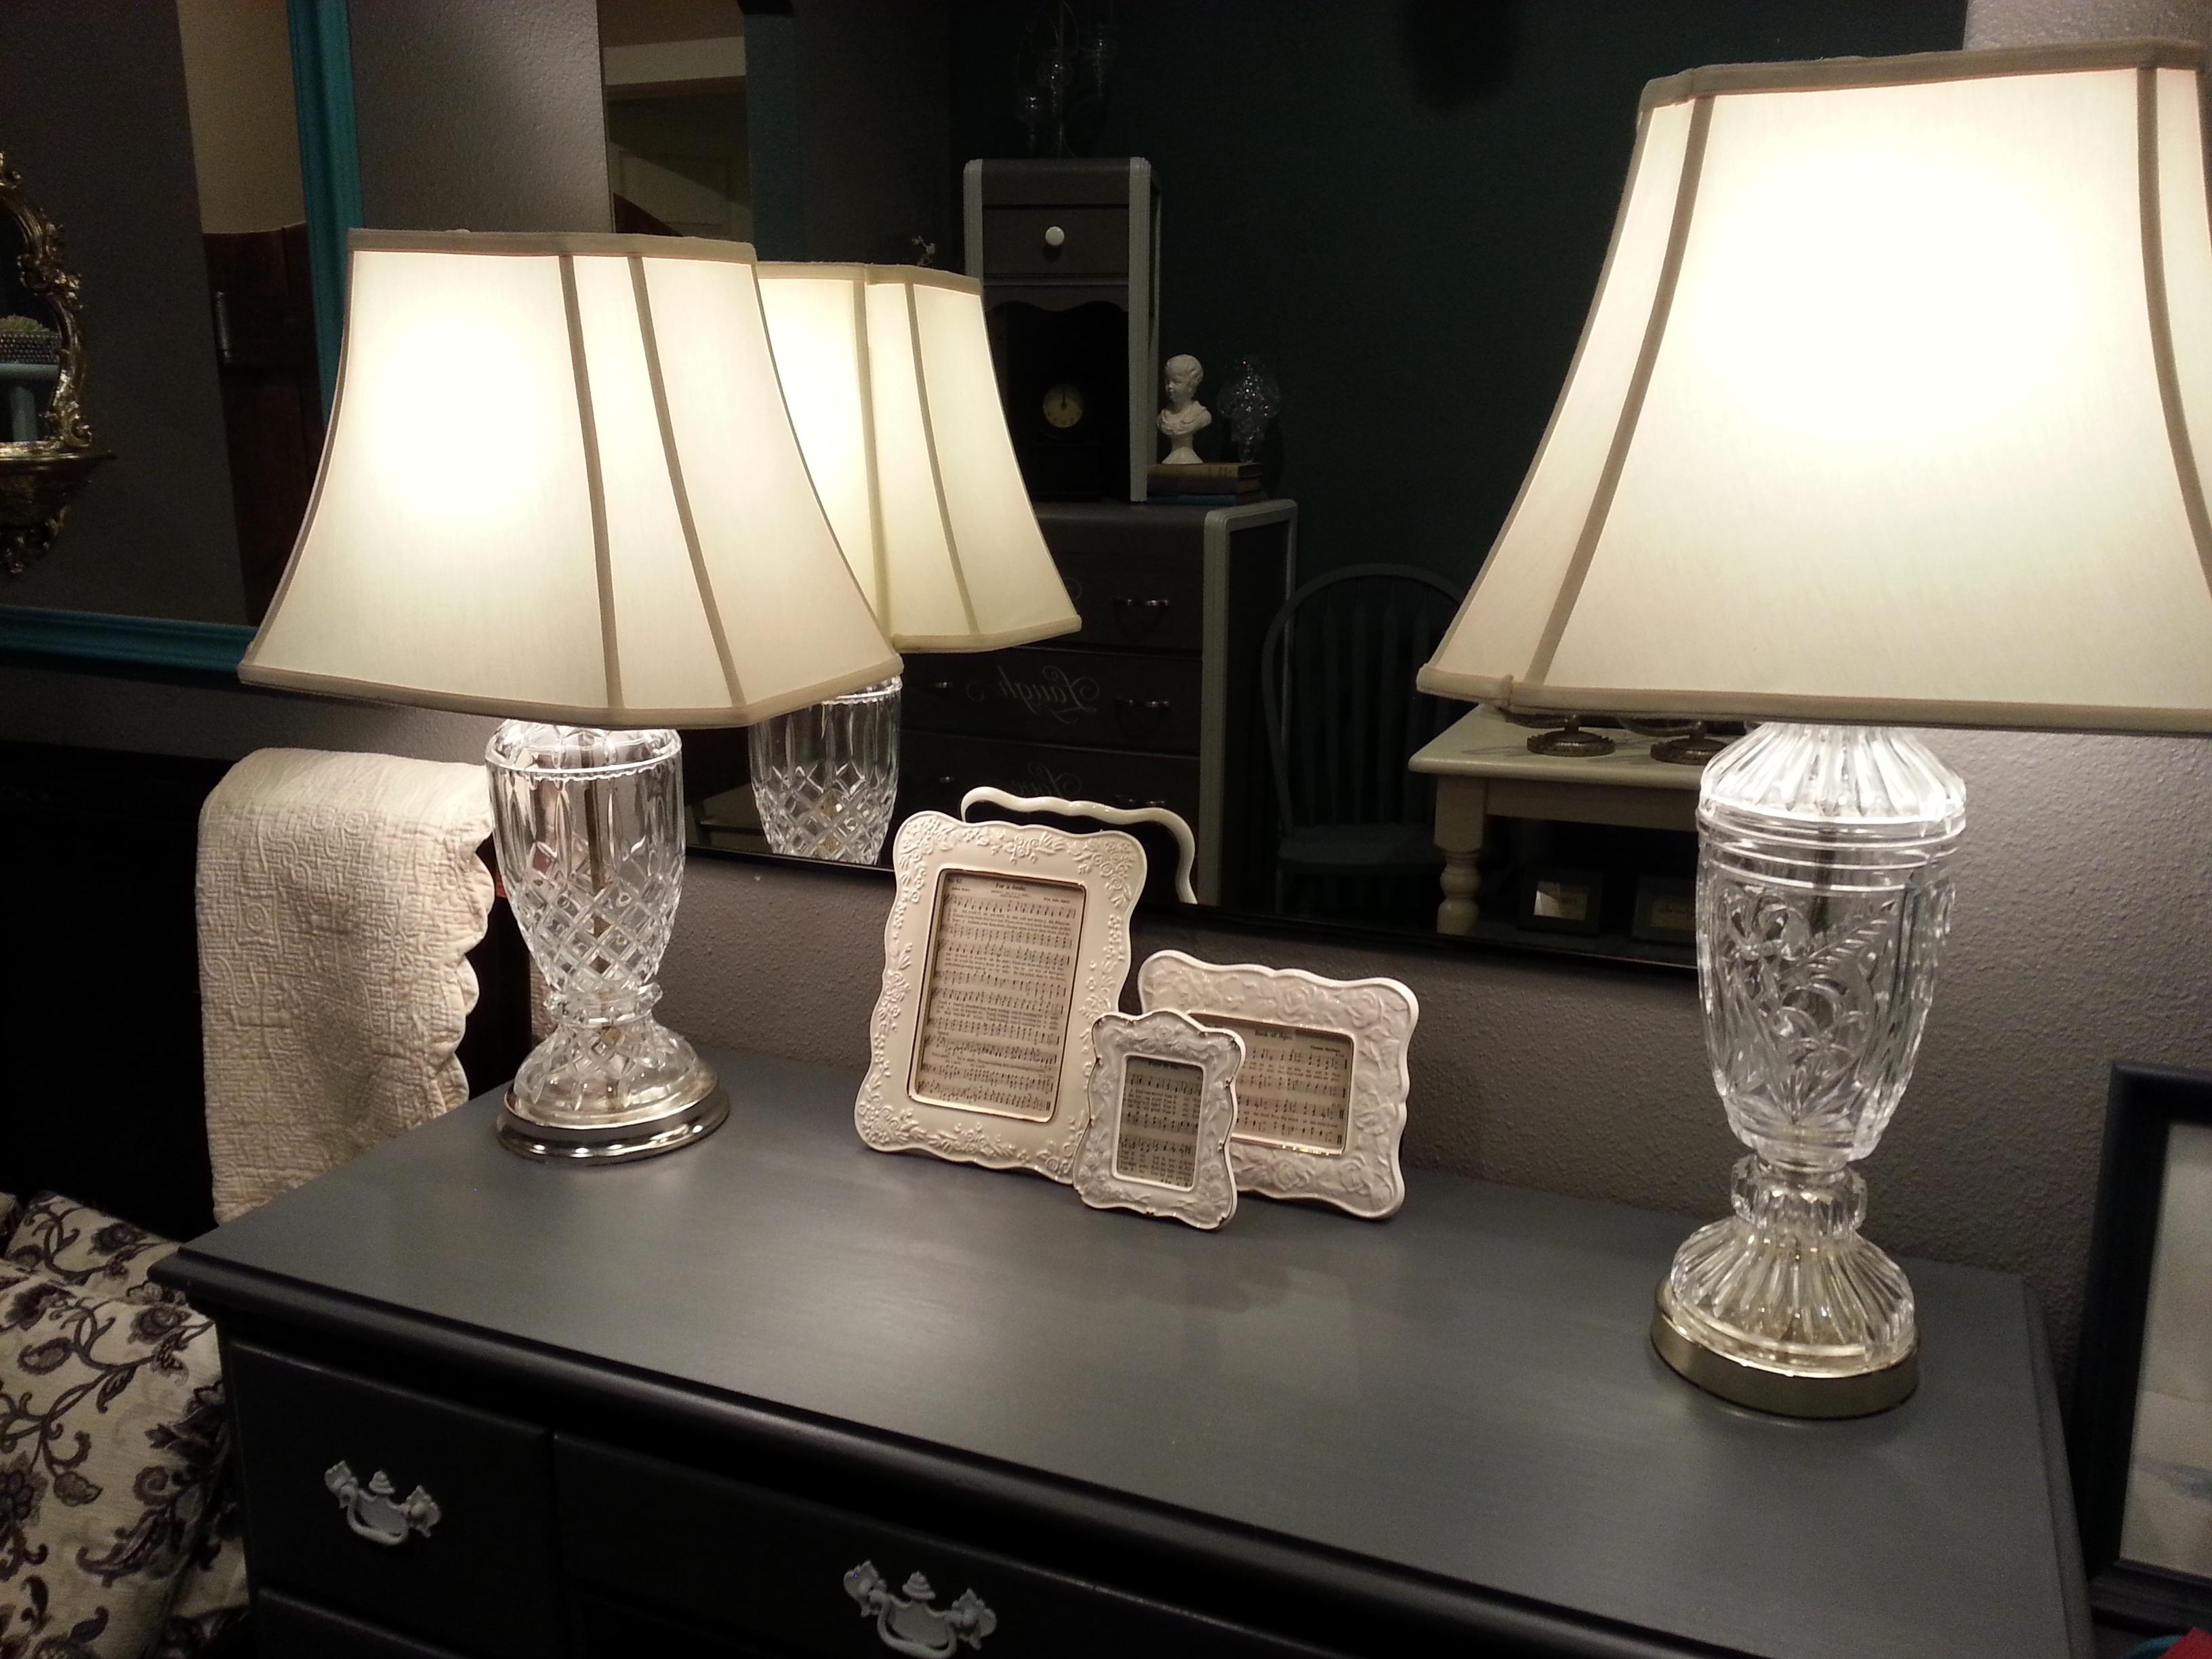 escritorio mesa ligero madera blanco sala lmpara mueble habitacin iluminacin diseo de interiores diseo espejo lmparas